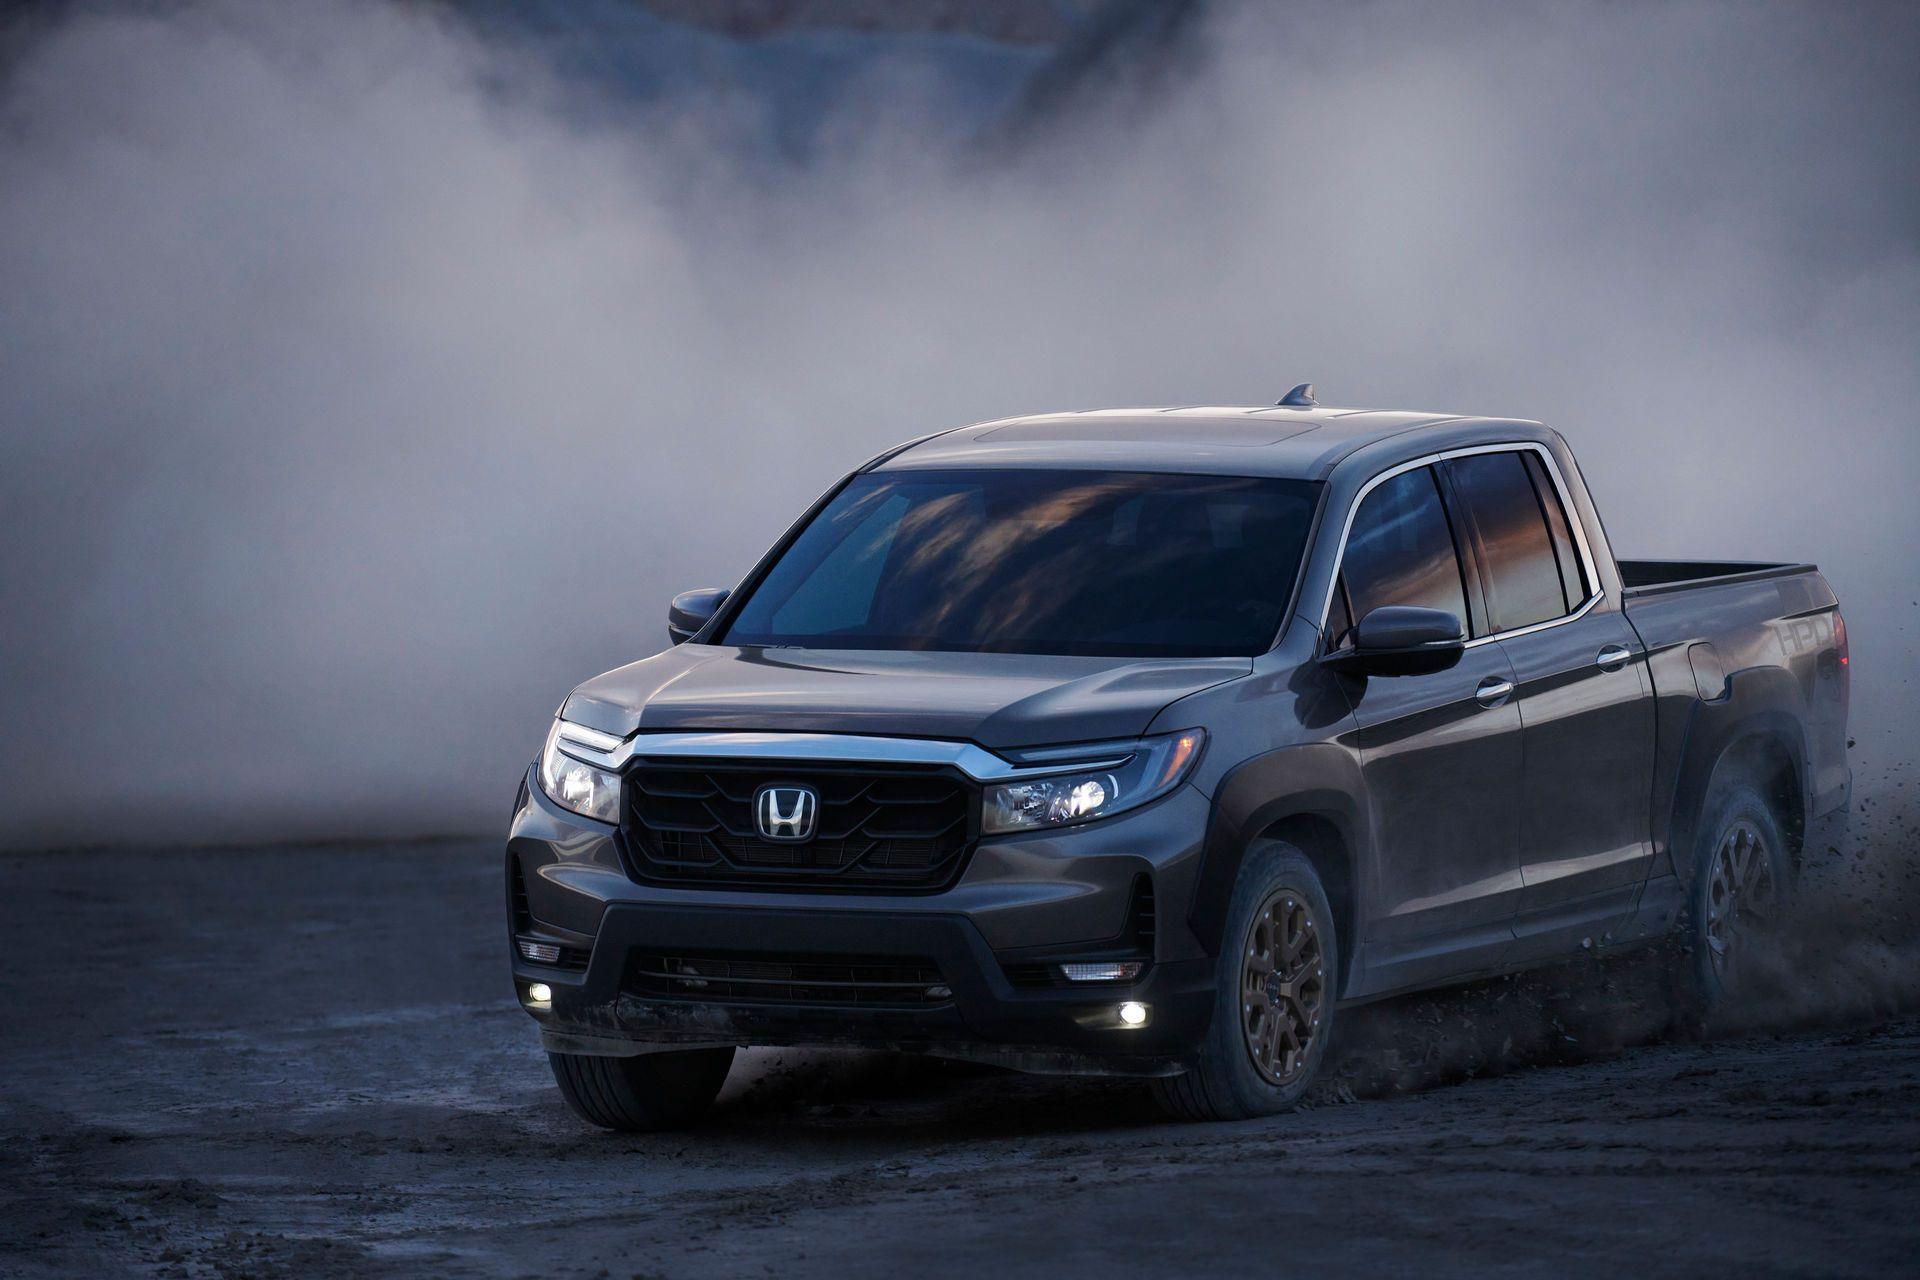 Honda-Ridgeline-facelift-2021-16